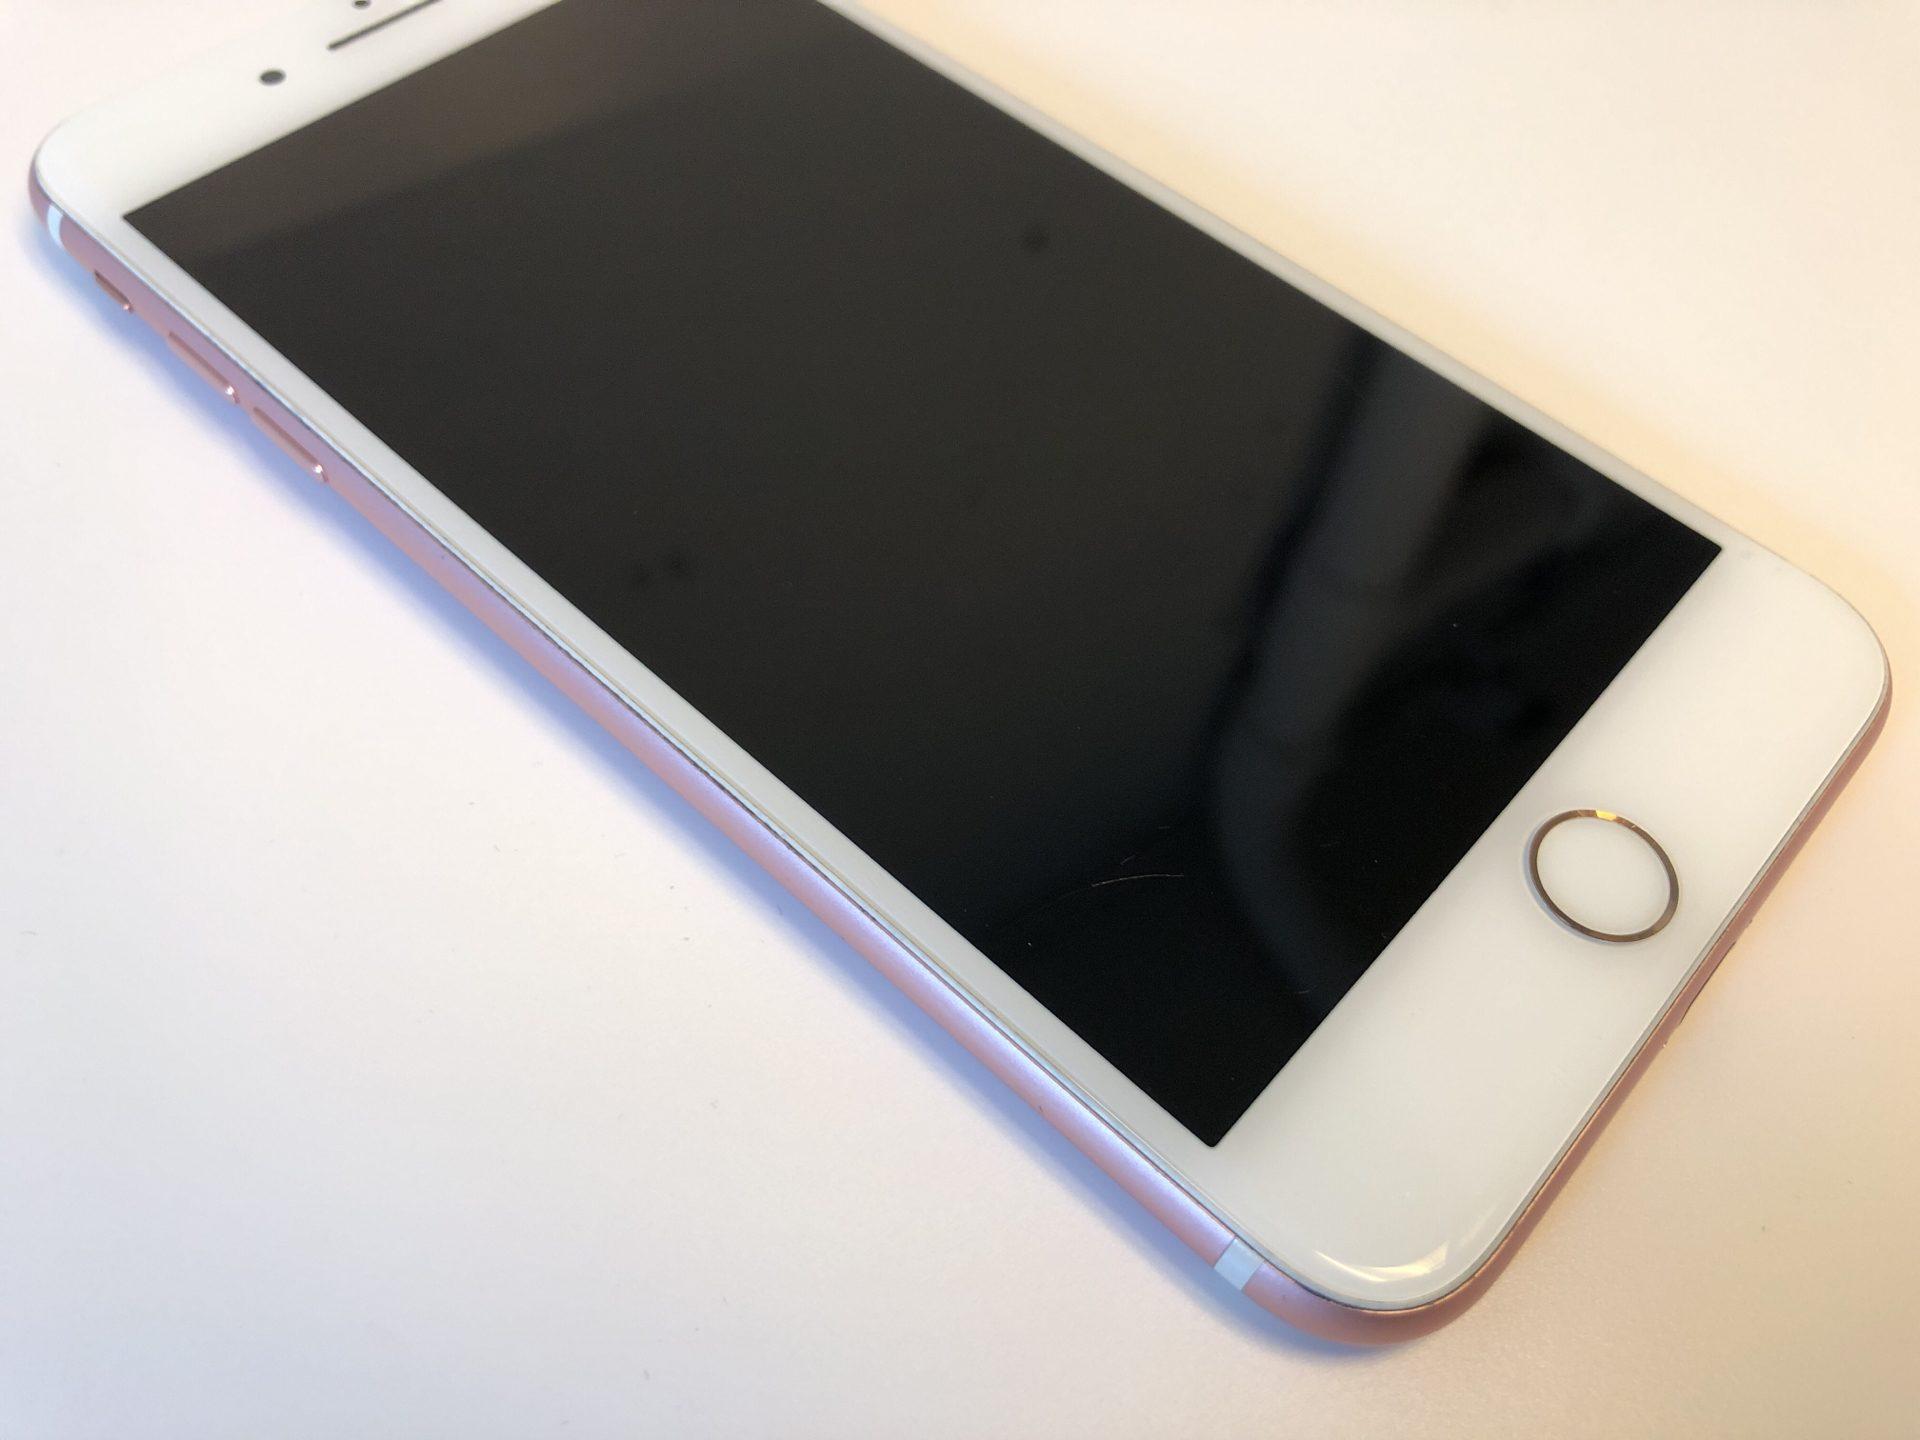 iPhone 7 Plus 32GB, 32GB, Rose Gold, imagen 6